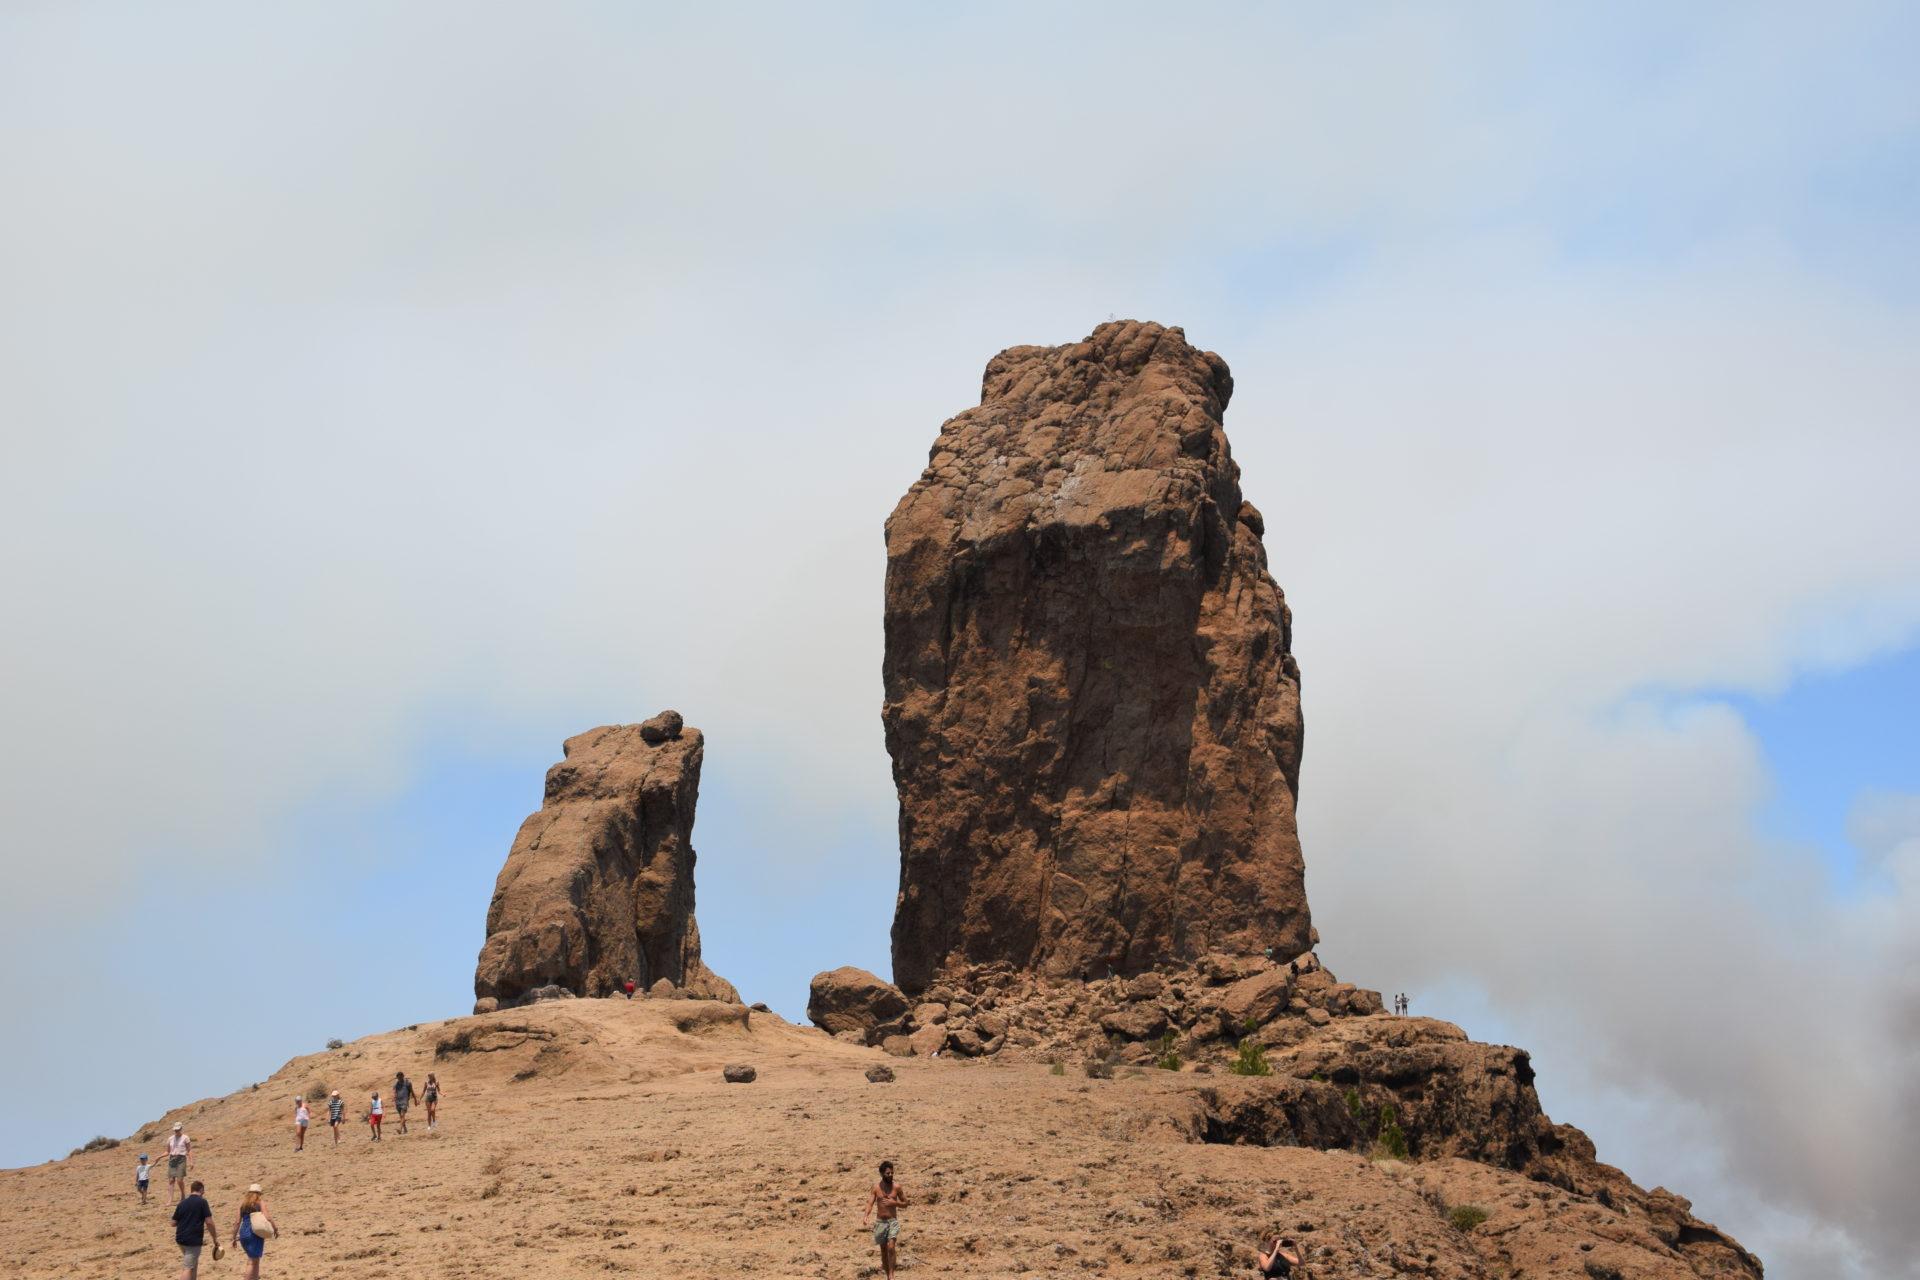 Image roque nublo